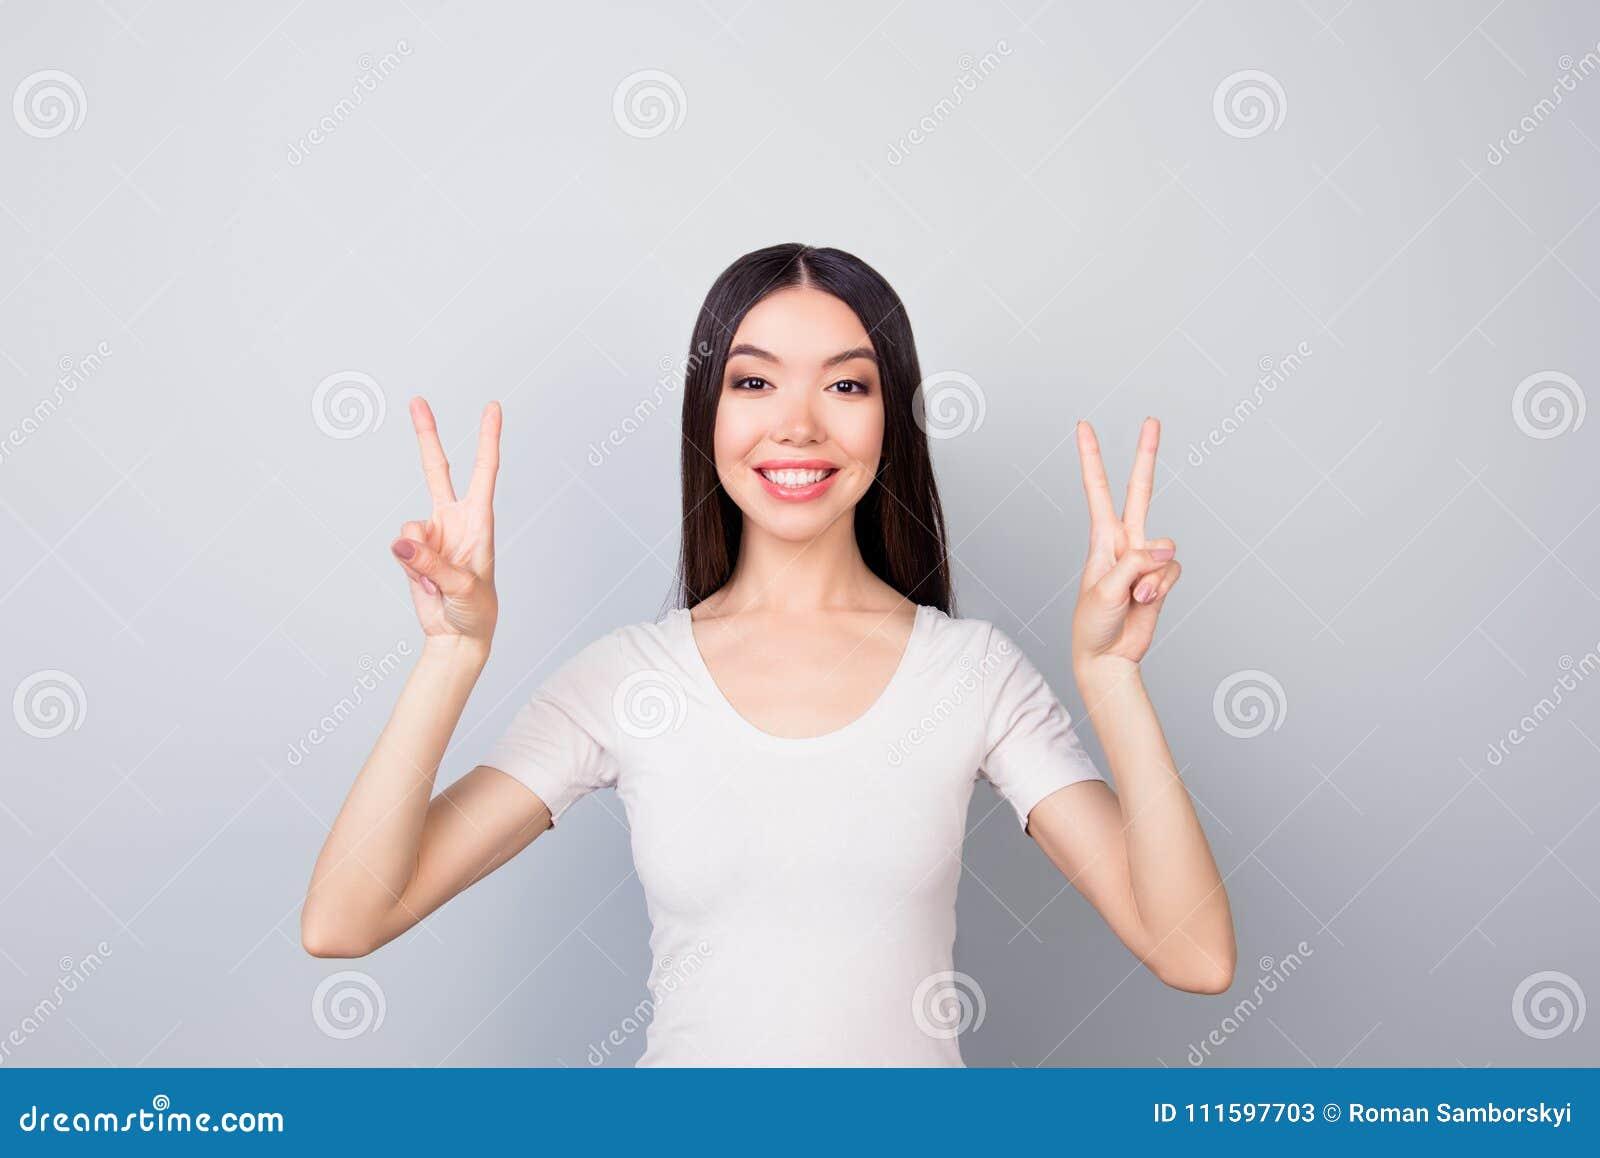 Portret van het blije, grappige, glimlachende, toothy, mooie meisje tonen